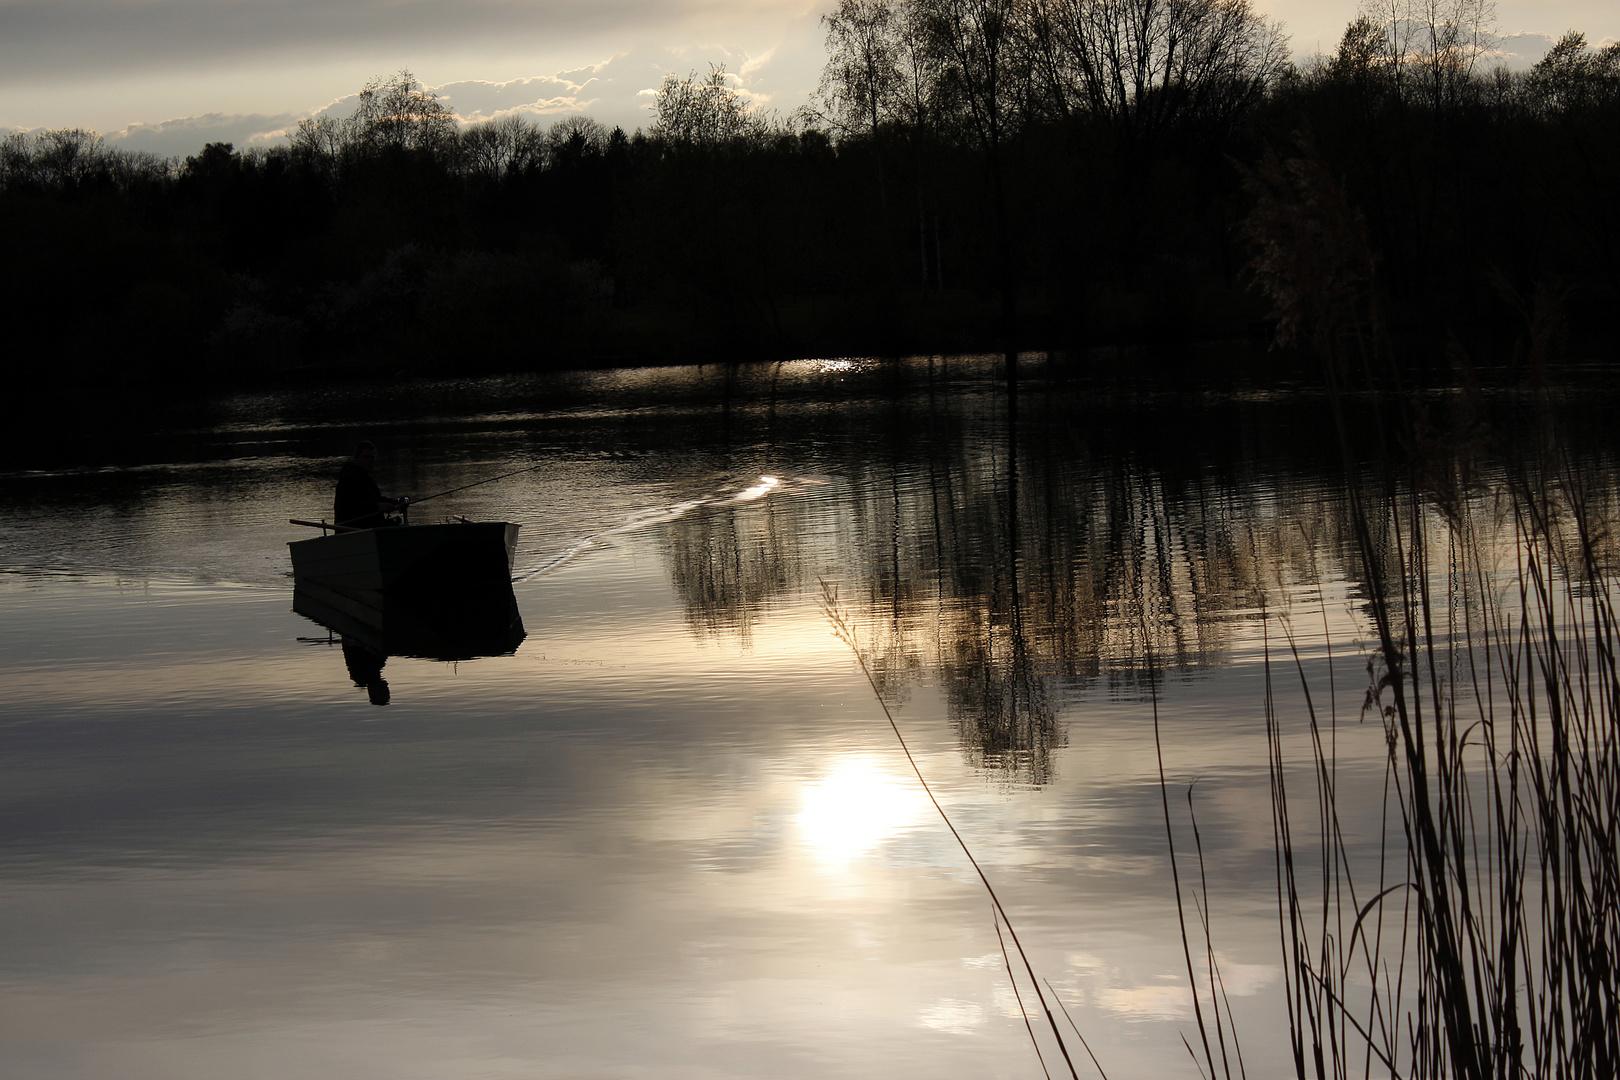 Der Fischer im Boot